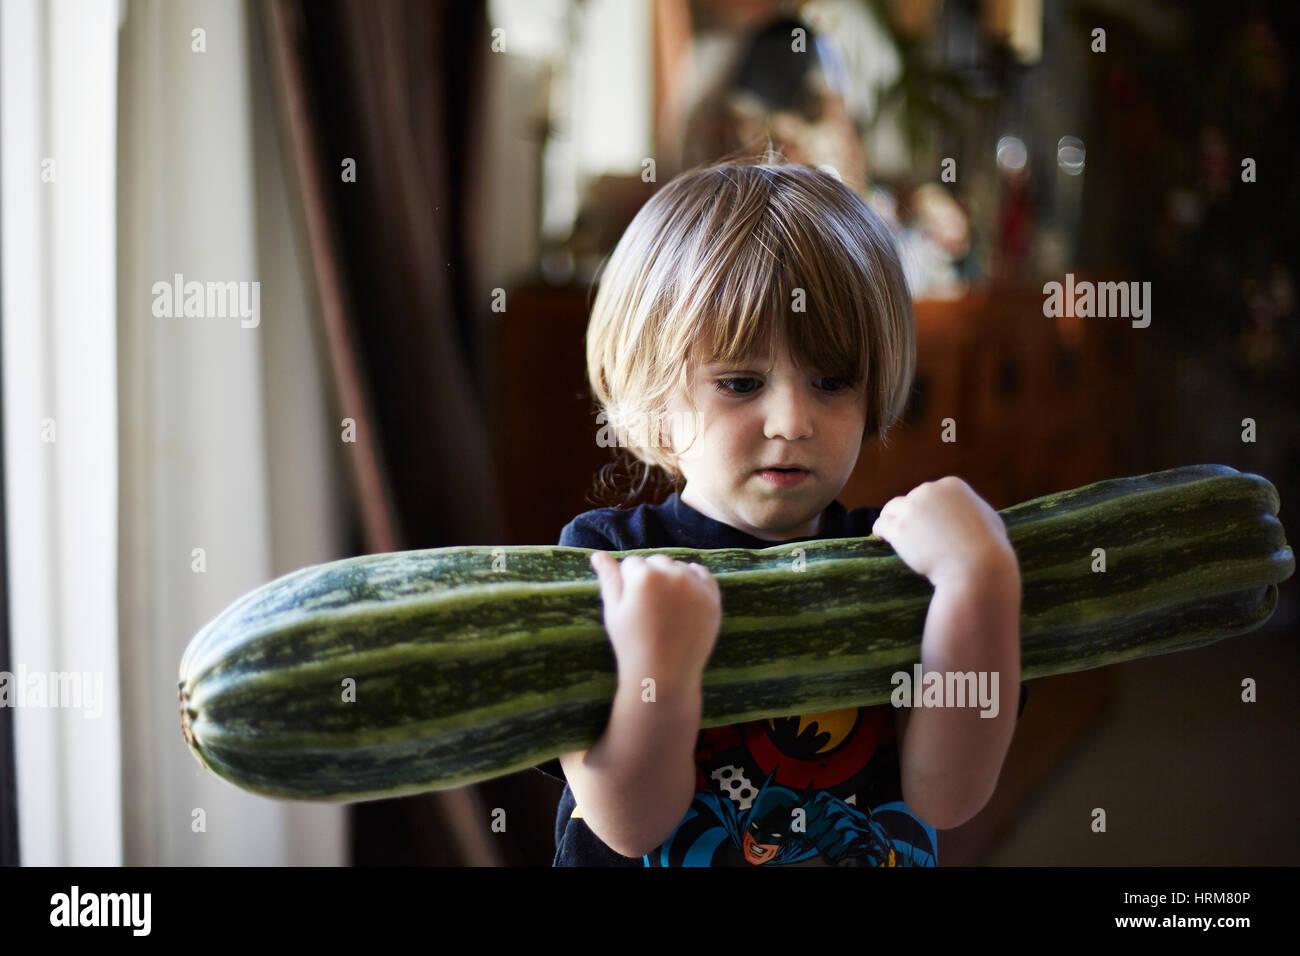 Jeune garçon avec de grandes courgettes Photo Stock